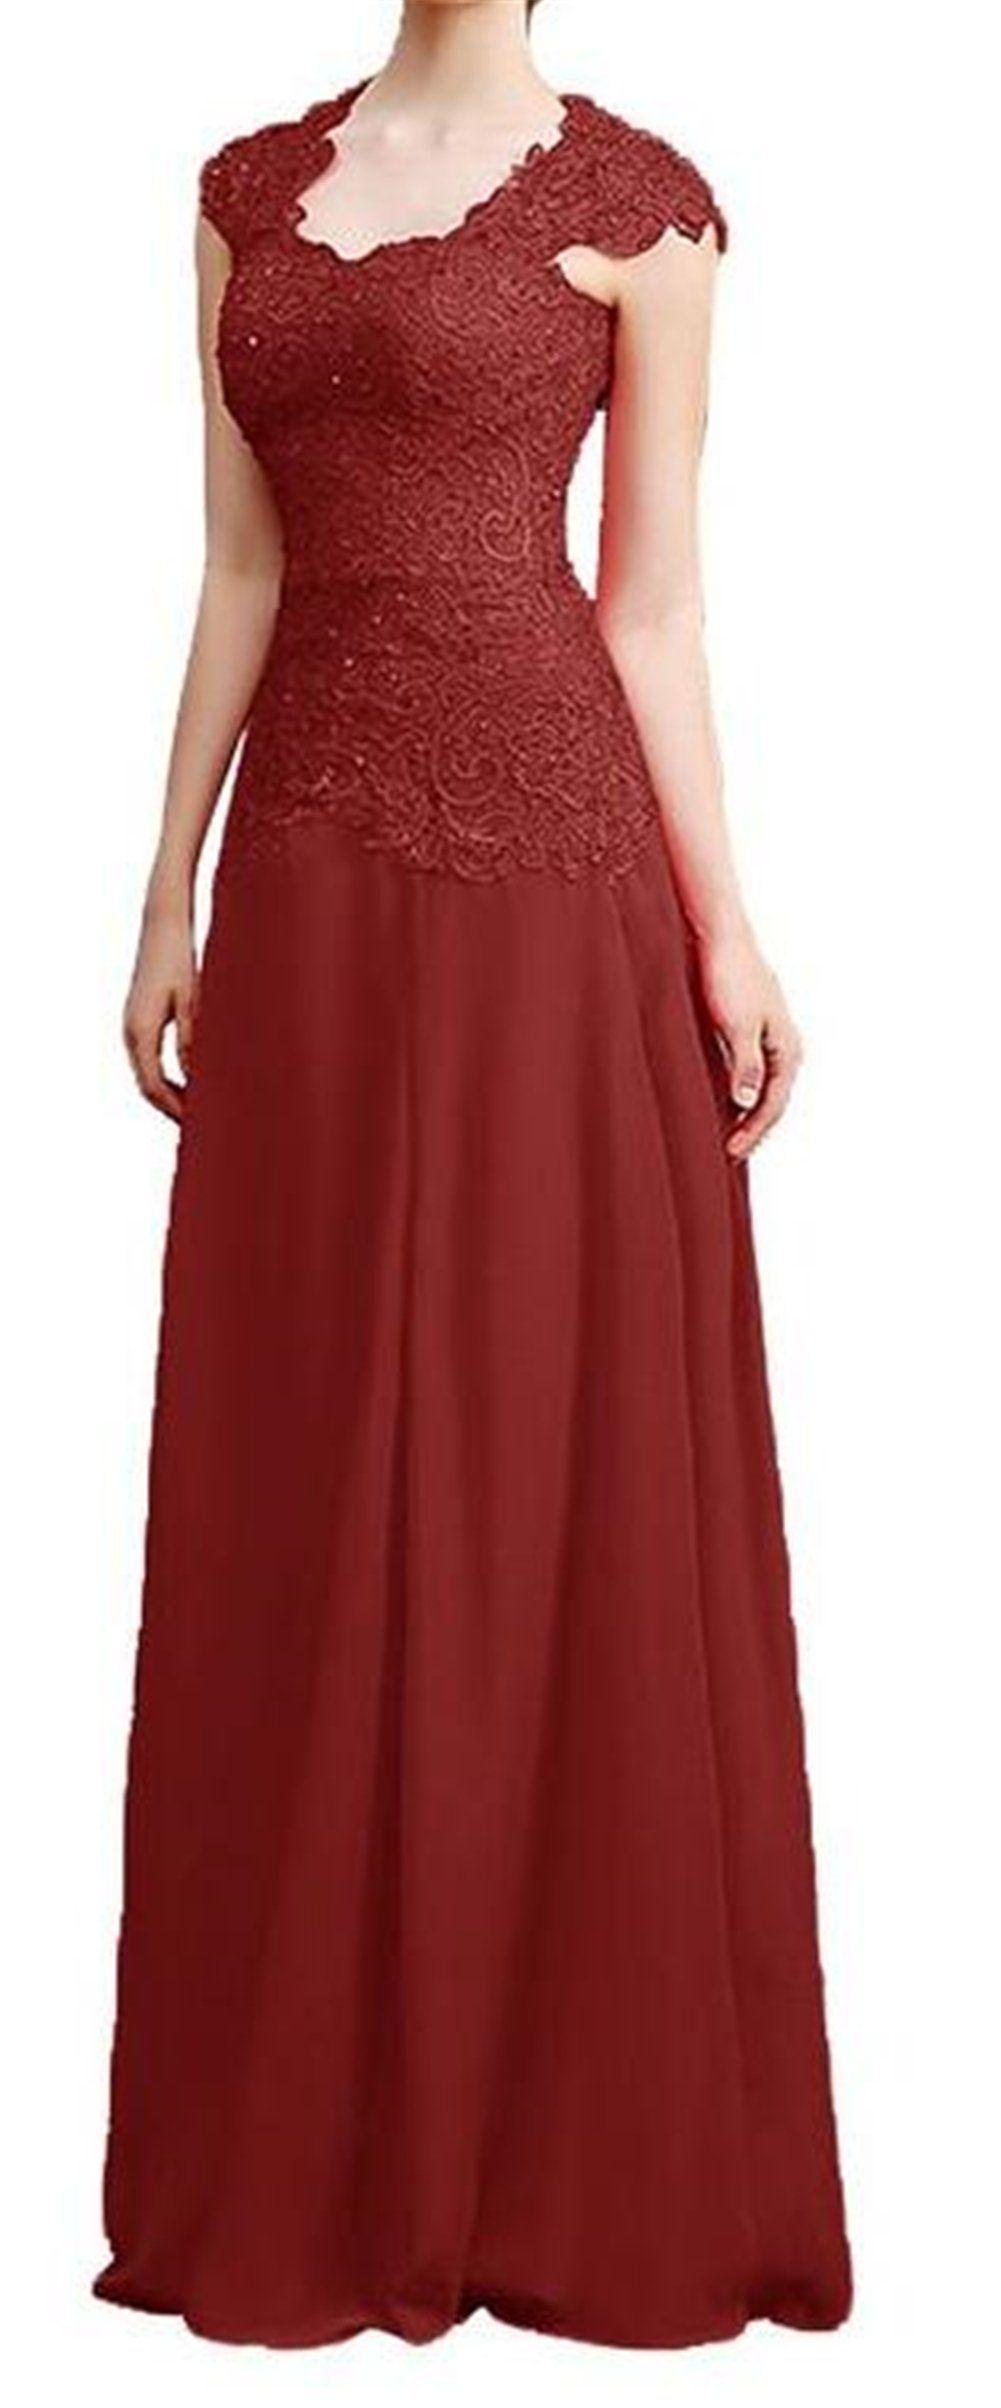 Endofjune long bridesmaid scoop neck lace prom dress with cap